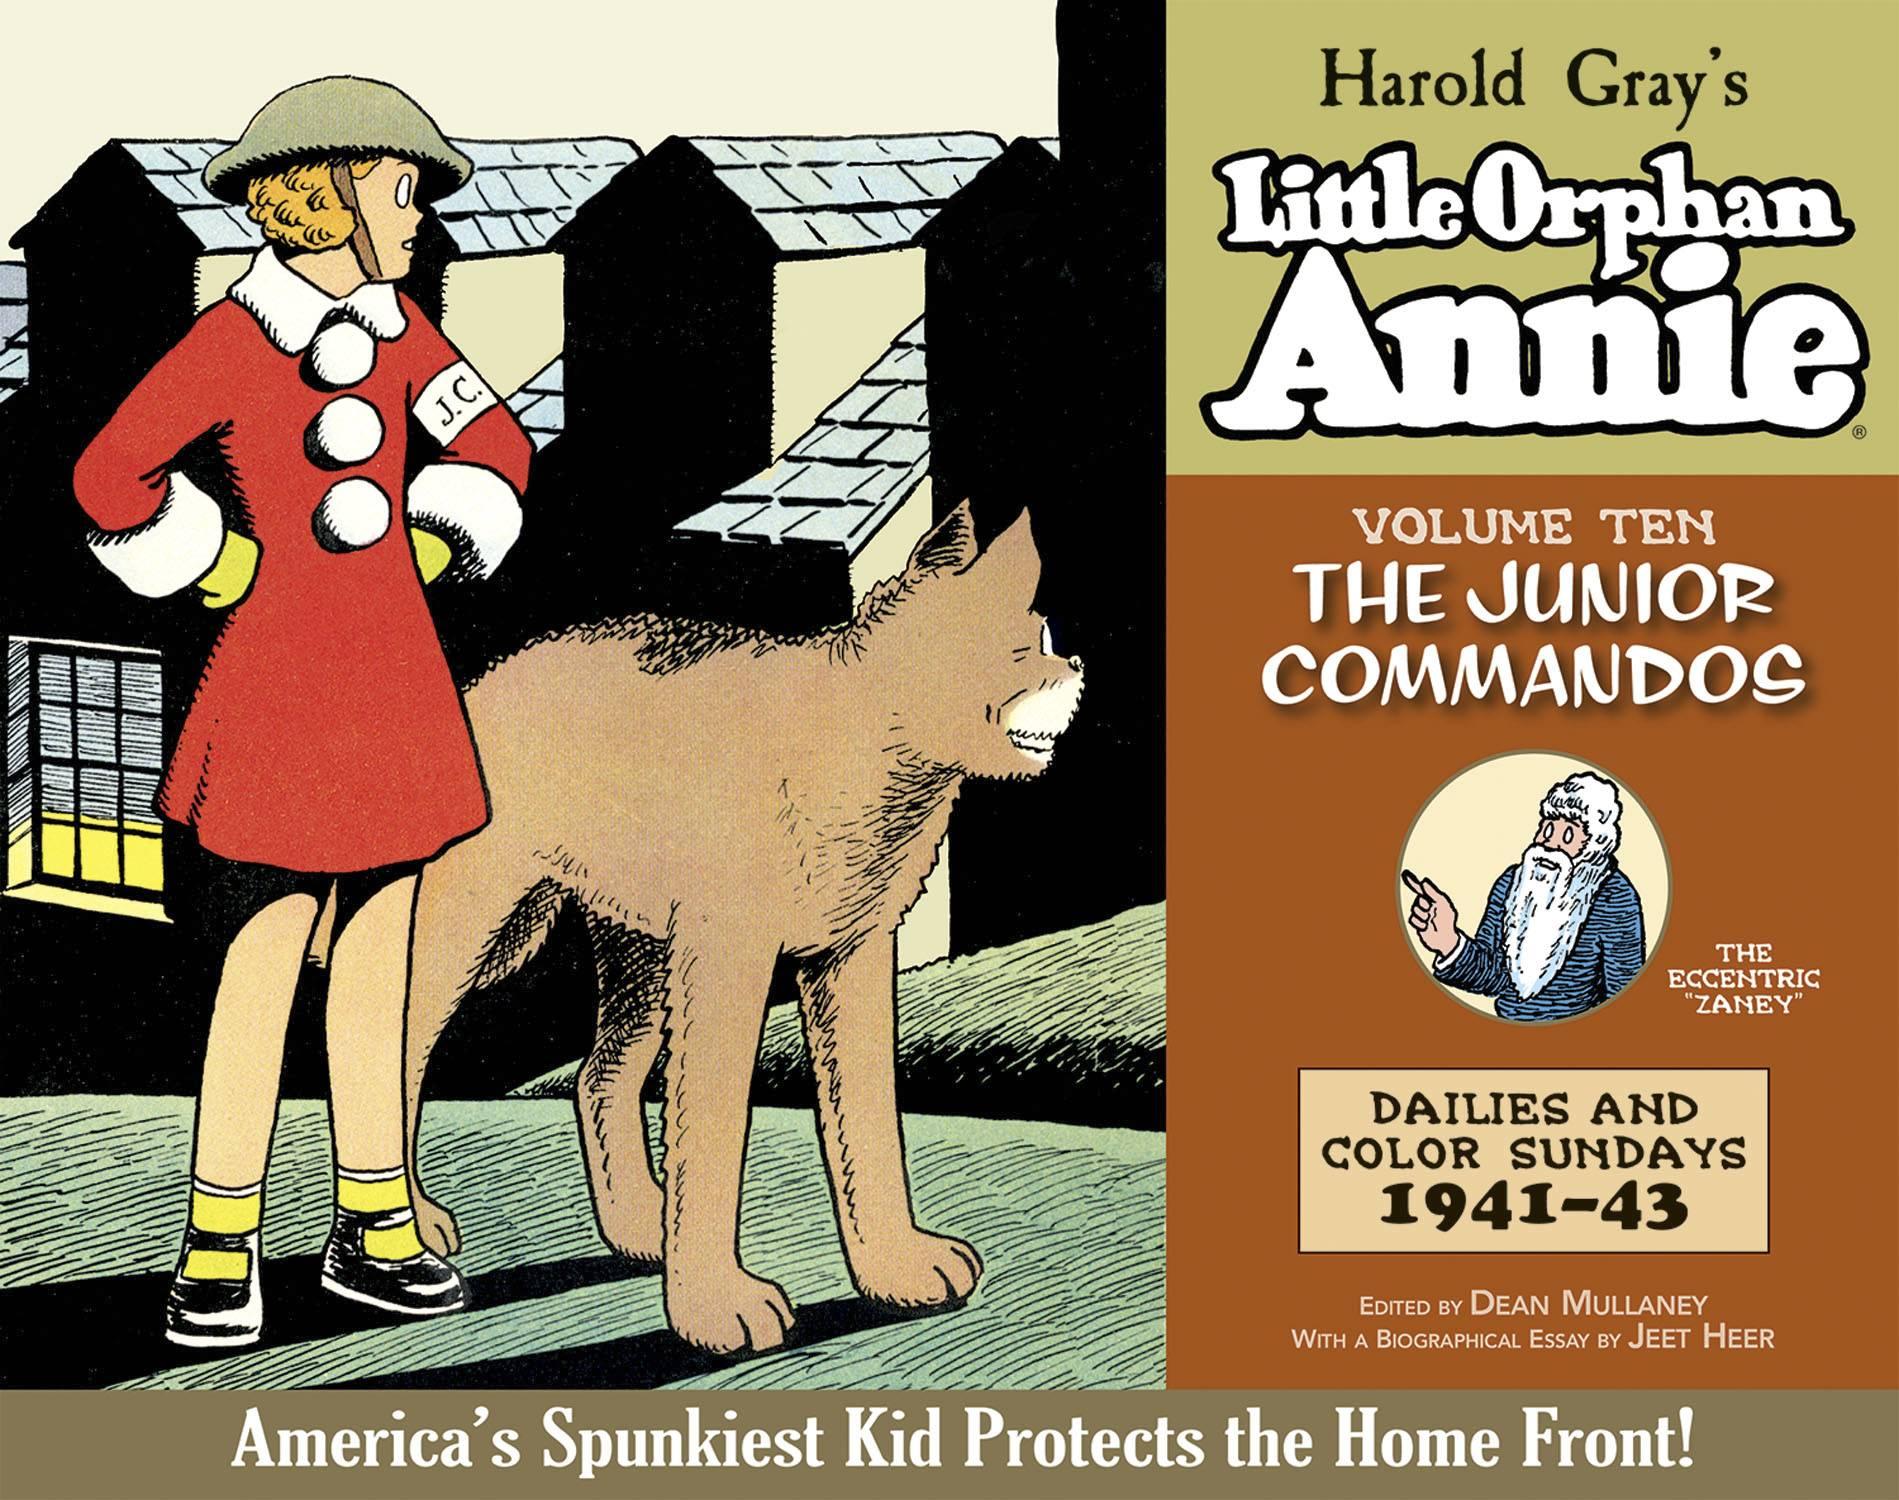 Little Orphan Annie Best Lines: Little Orphan Annie Vol. 10